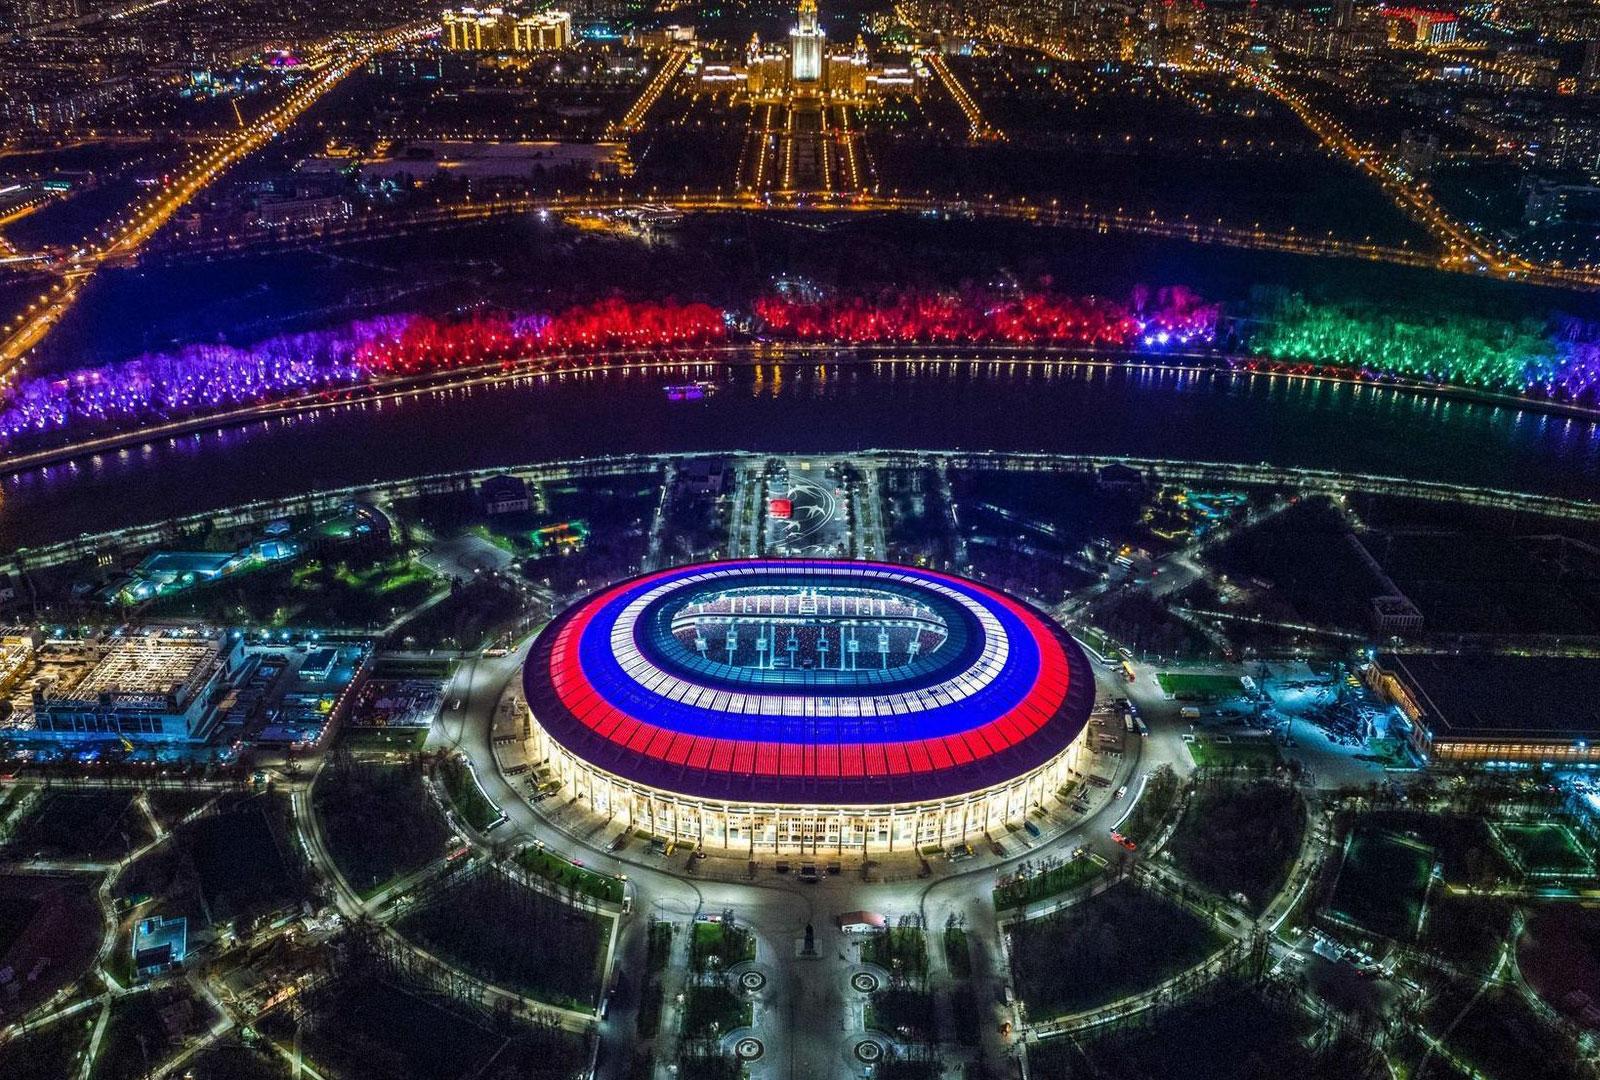 Dạo một vòng 12 sân vận động tổ chức World Cup 2018